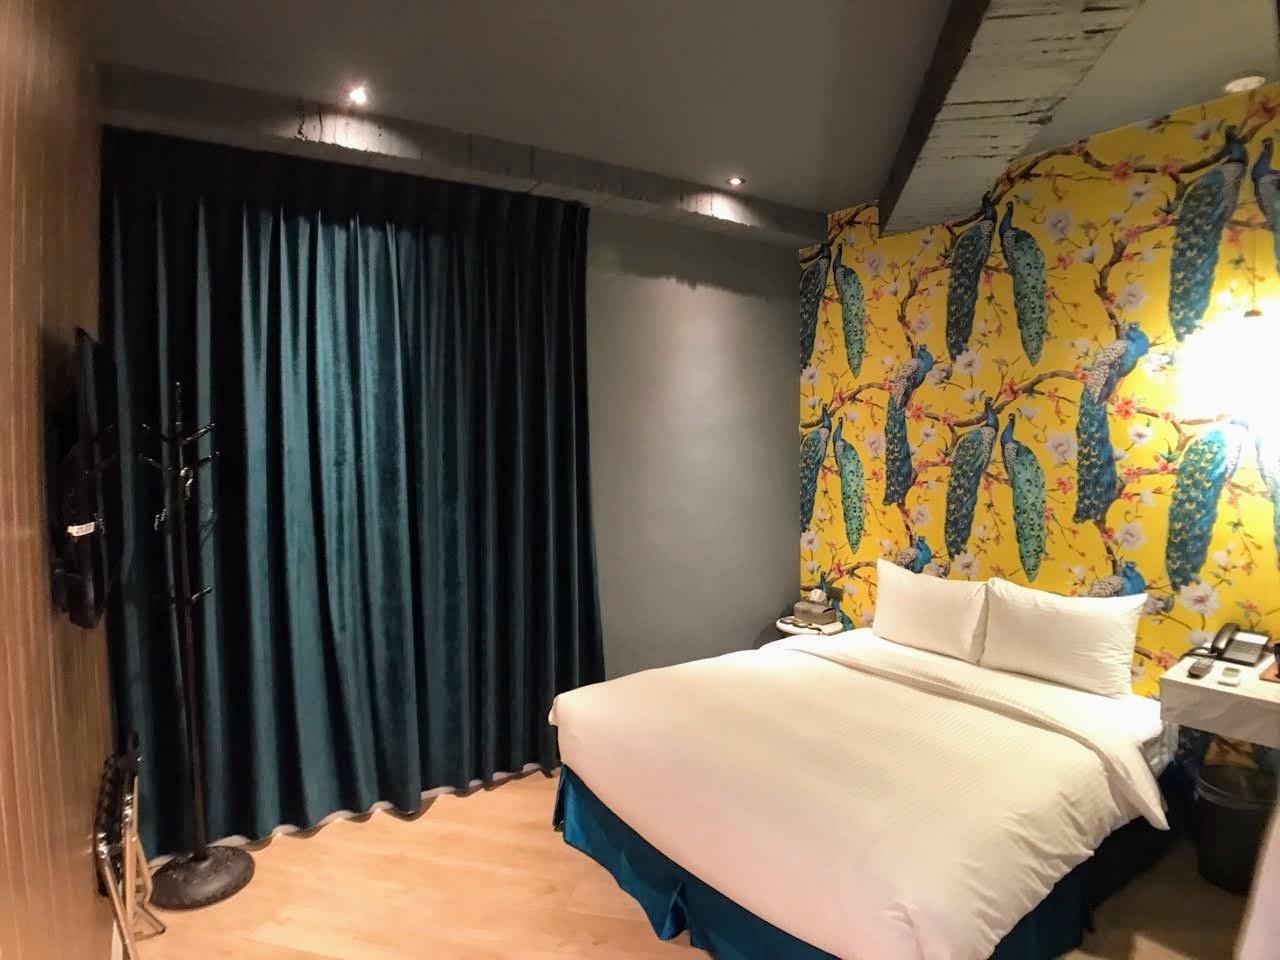 【台中|中區】華利大旅社 Modern Inn|智慧感應的高科技房間